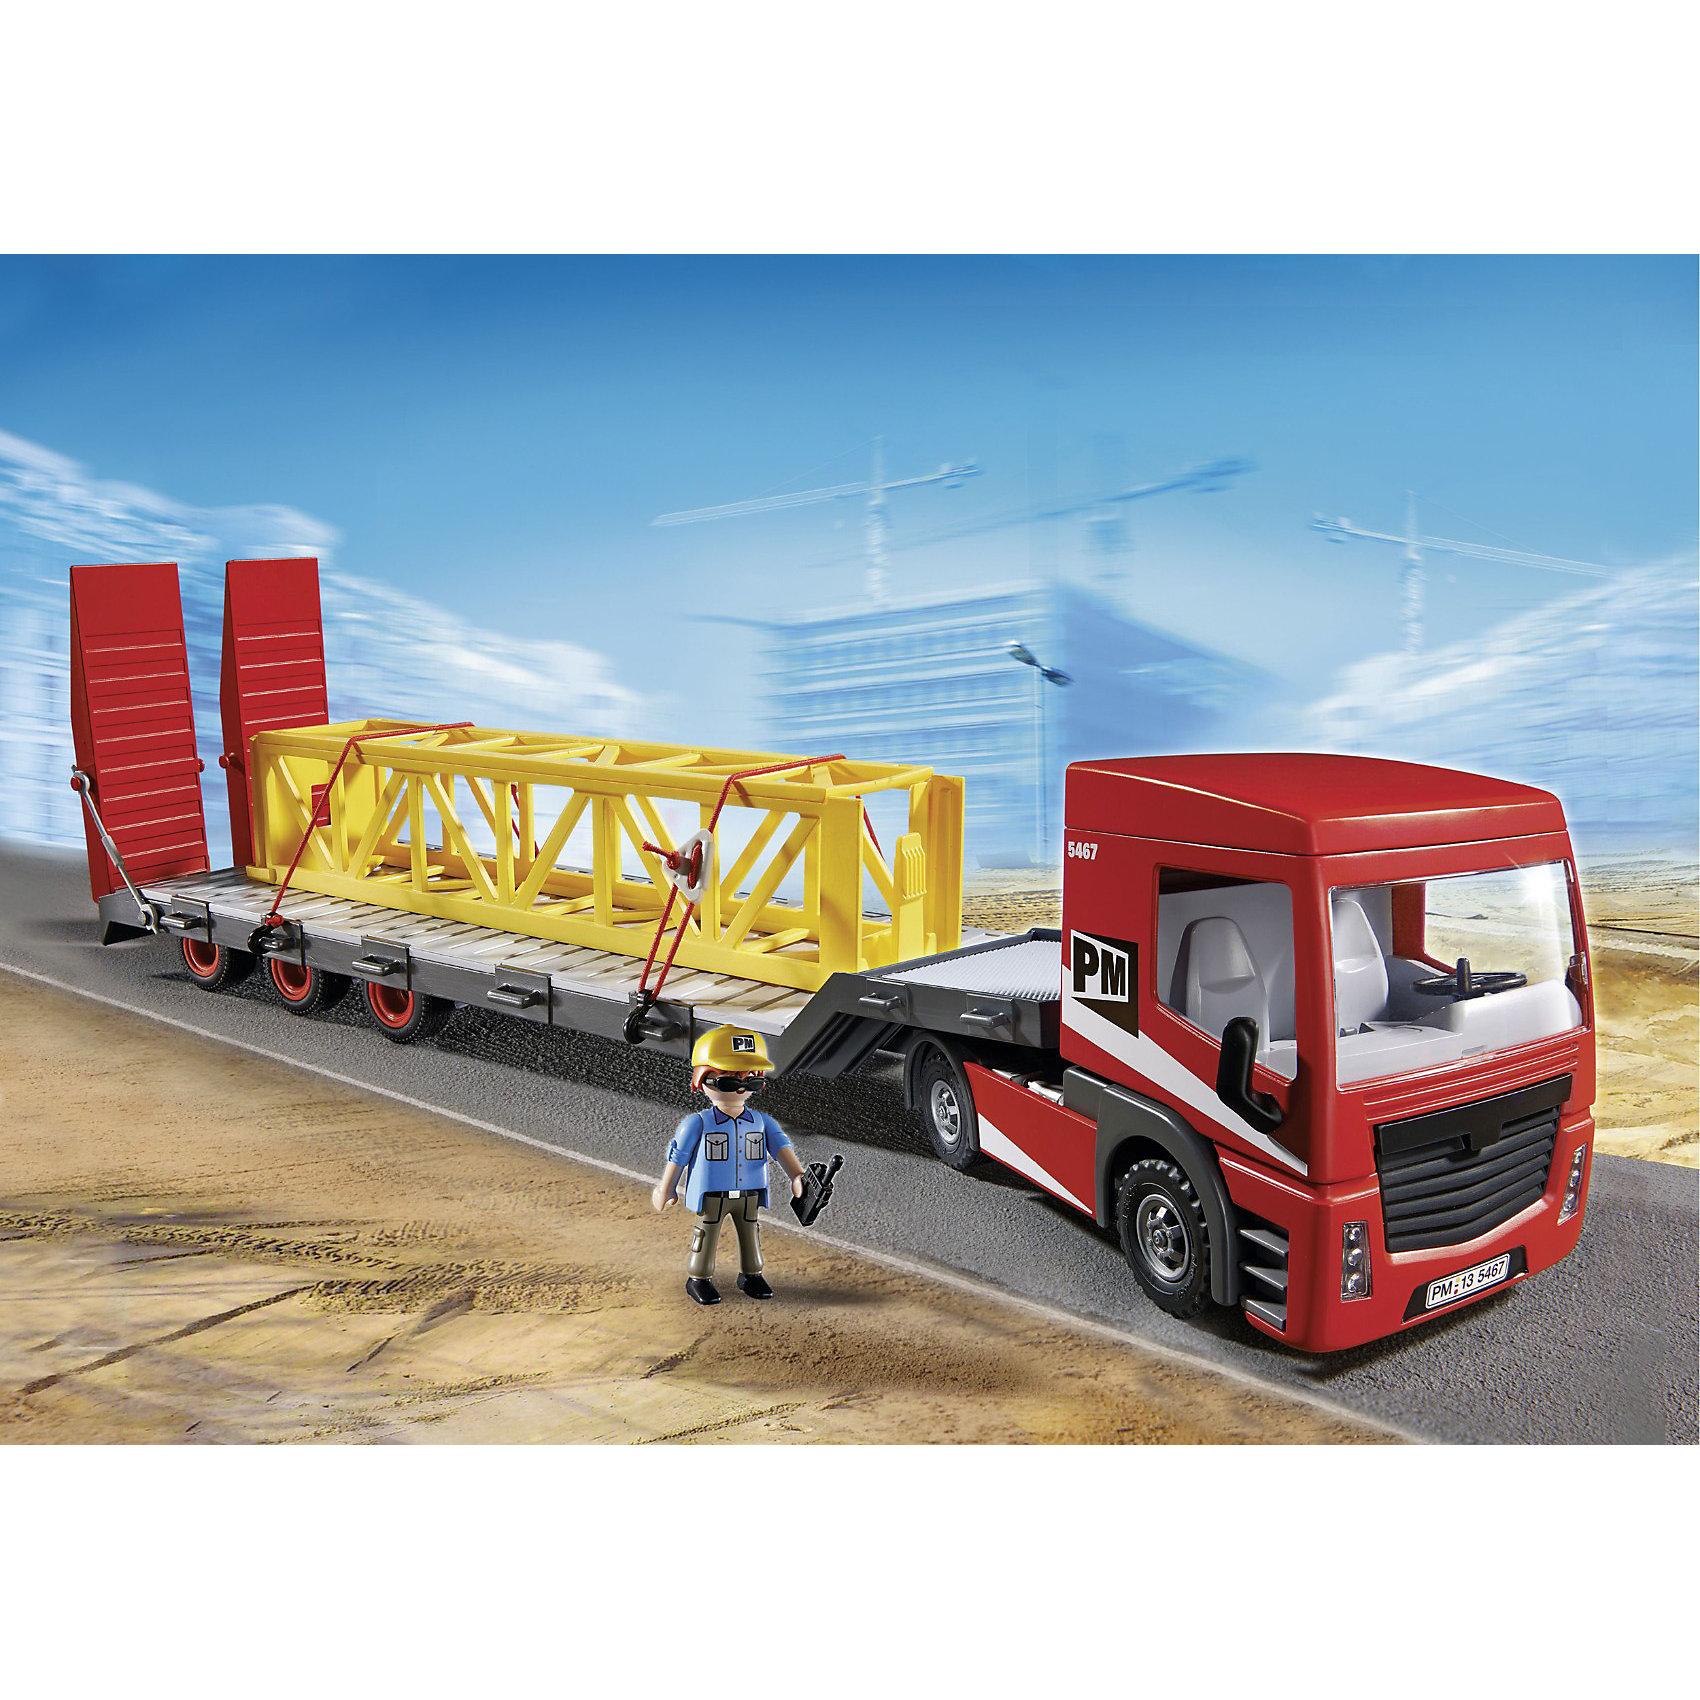 PLAYMOBIL® PLAYMOBIL 5467 Стройка: Большой грузовик конструкторы playmobil стройка строитель с отбойным молотком